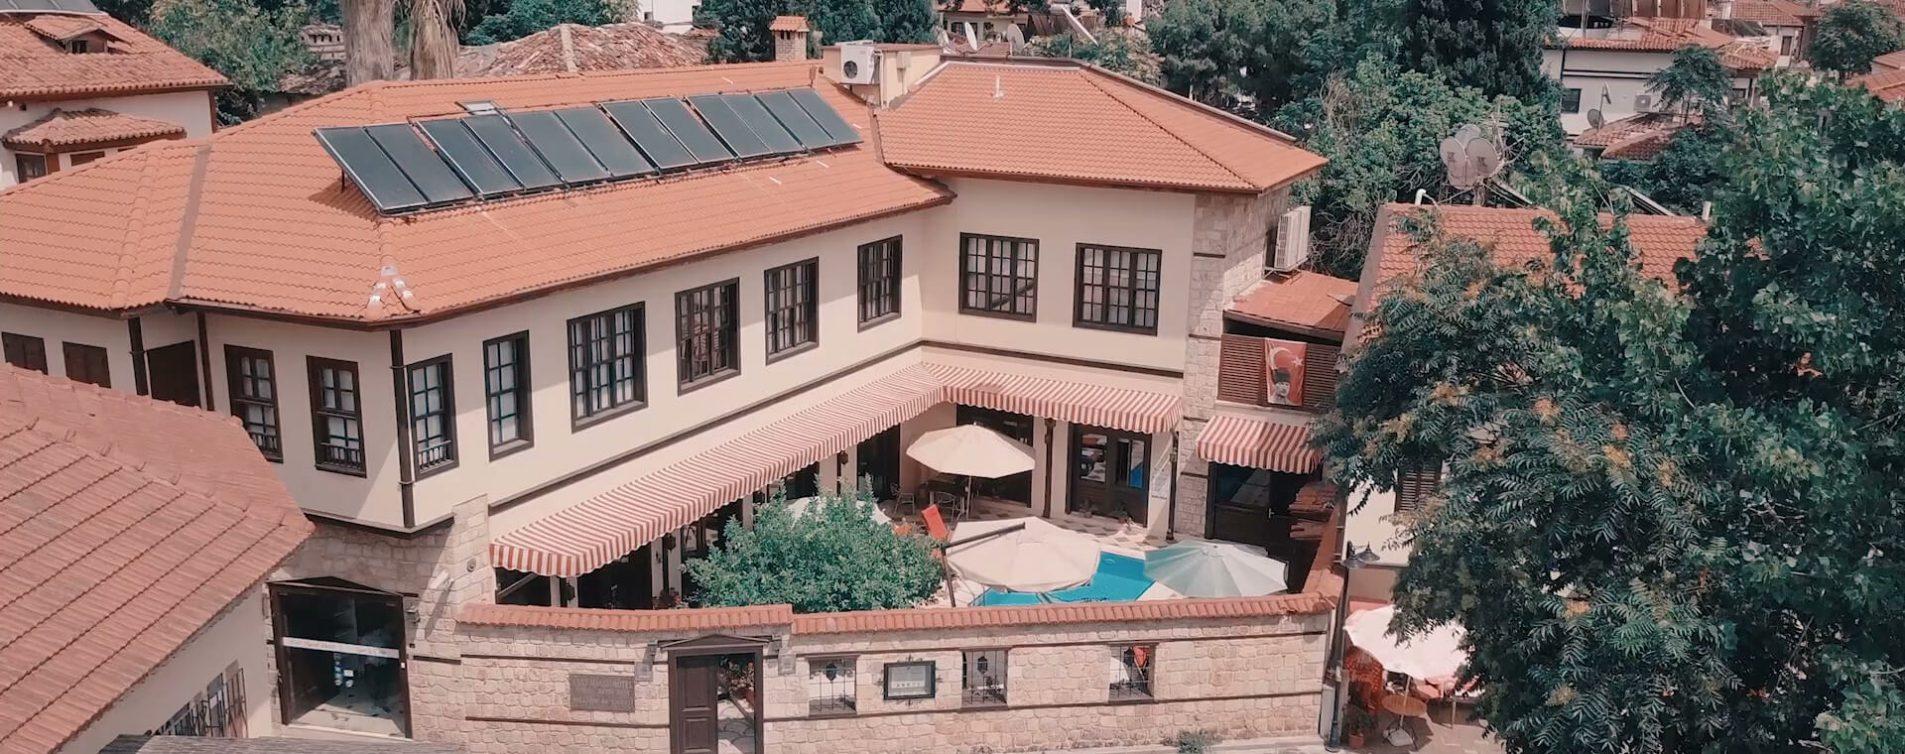 GENEL BAKIŞ – Eski Masal Hotel